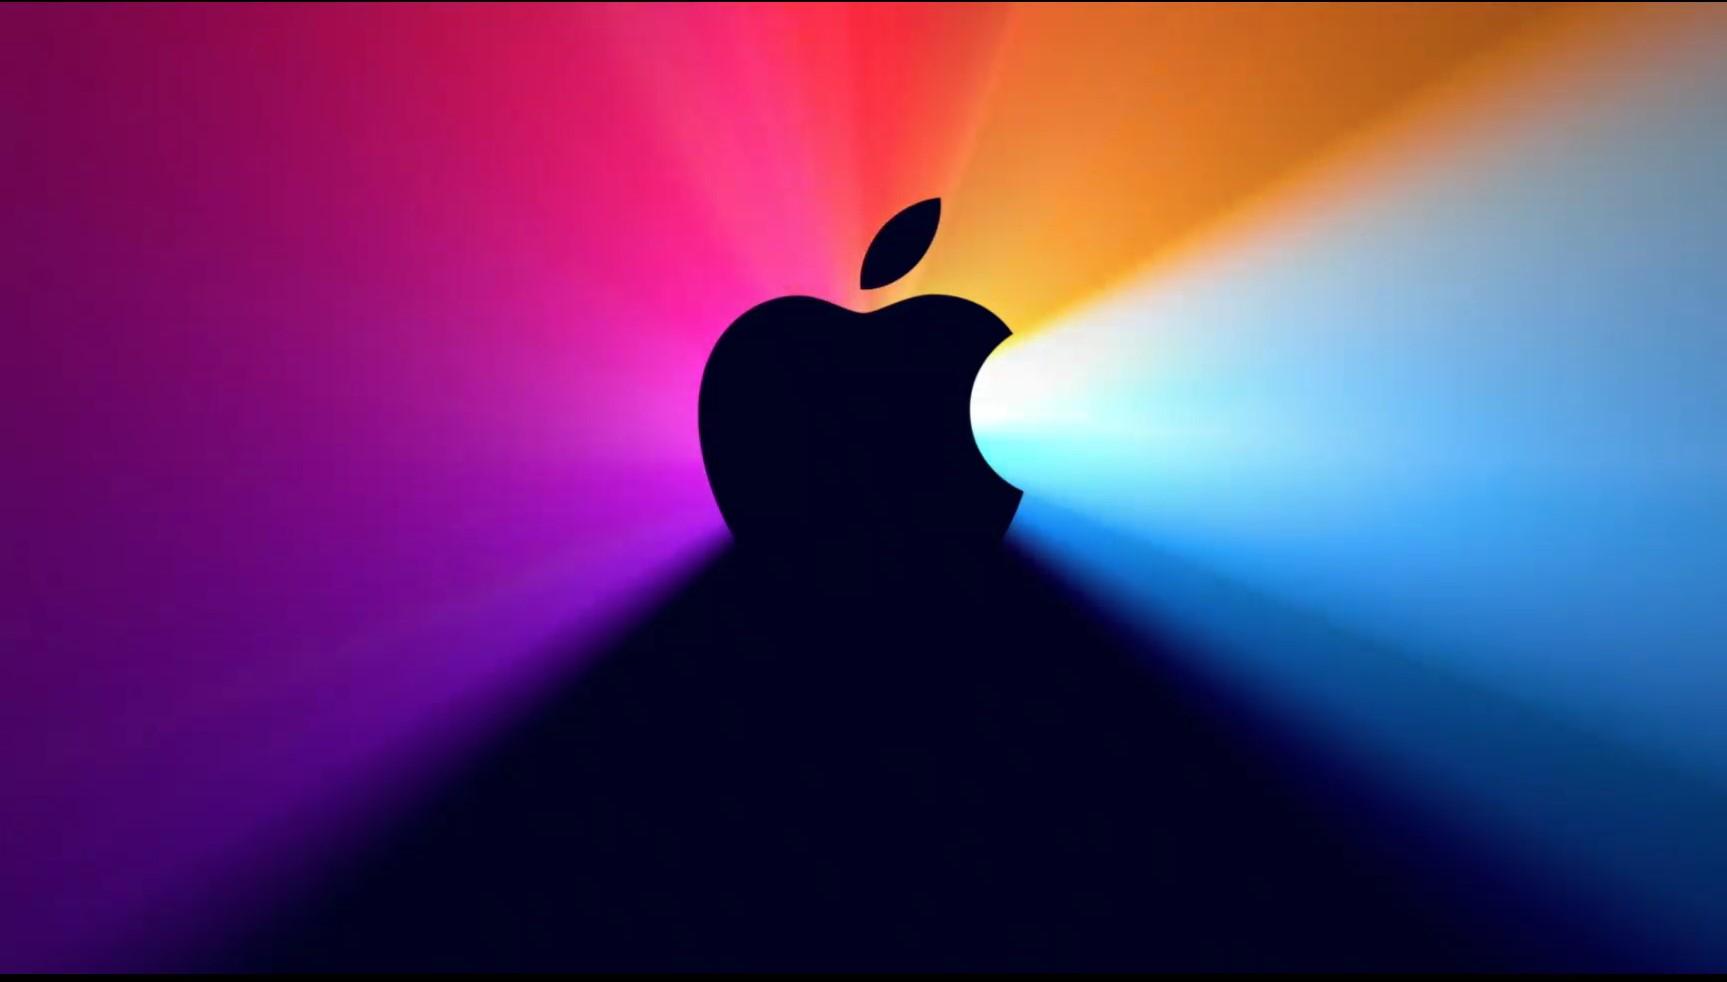 「AppleEvent(11月11日)まとめ」のアイキャッチ画像